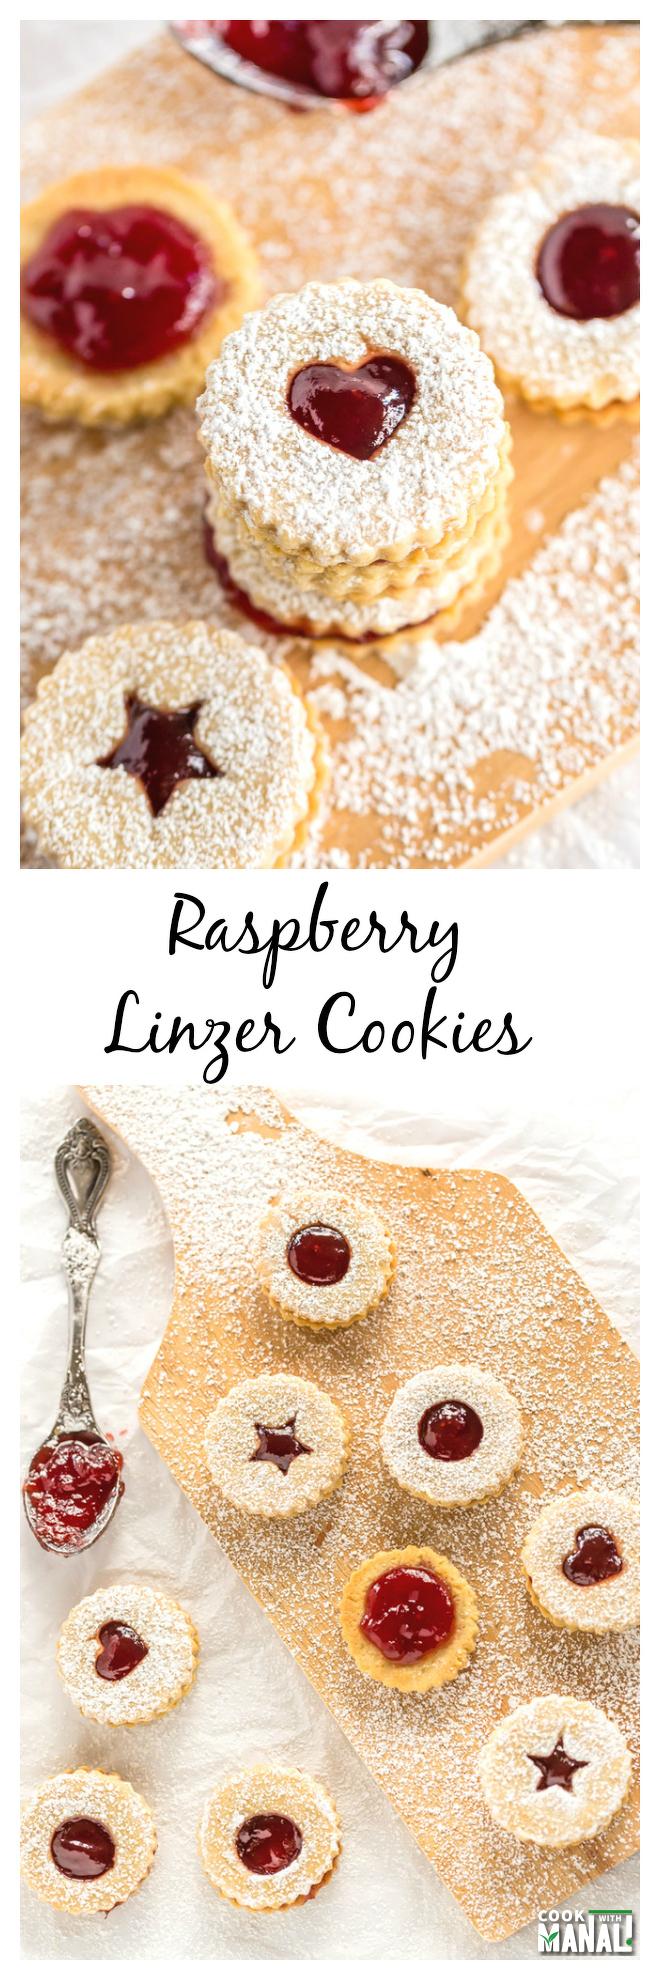 Raspberry Linzer Cookie Collage